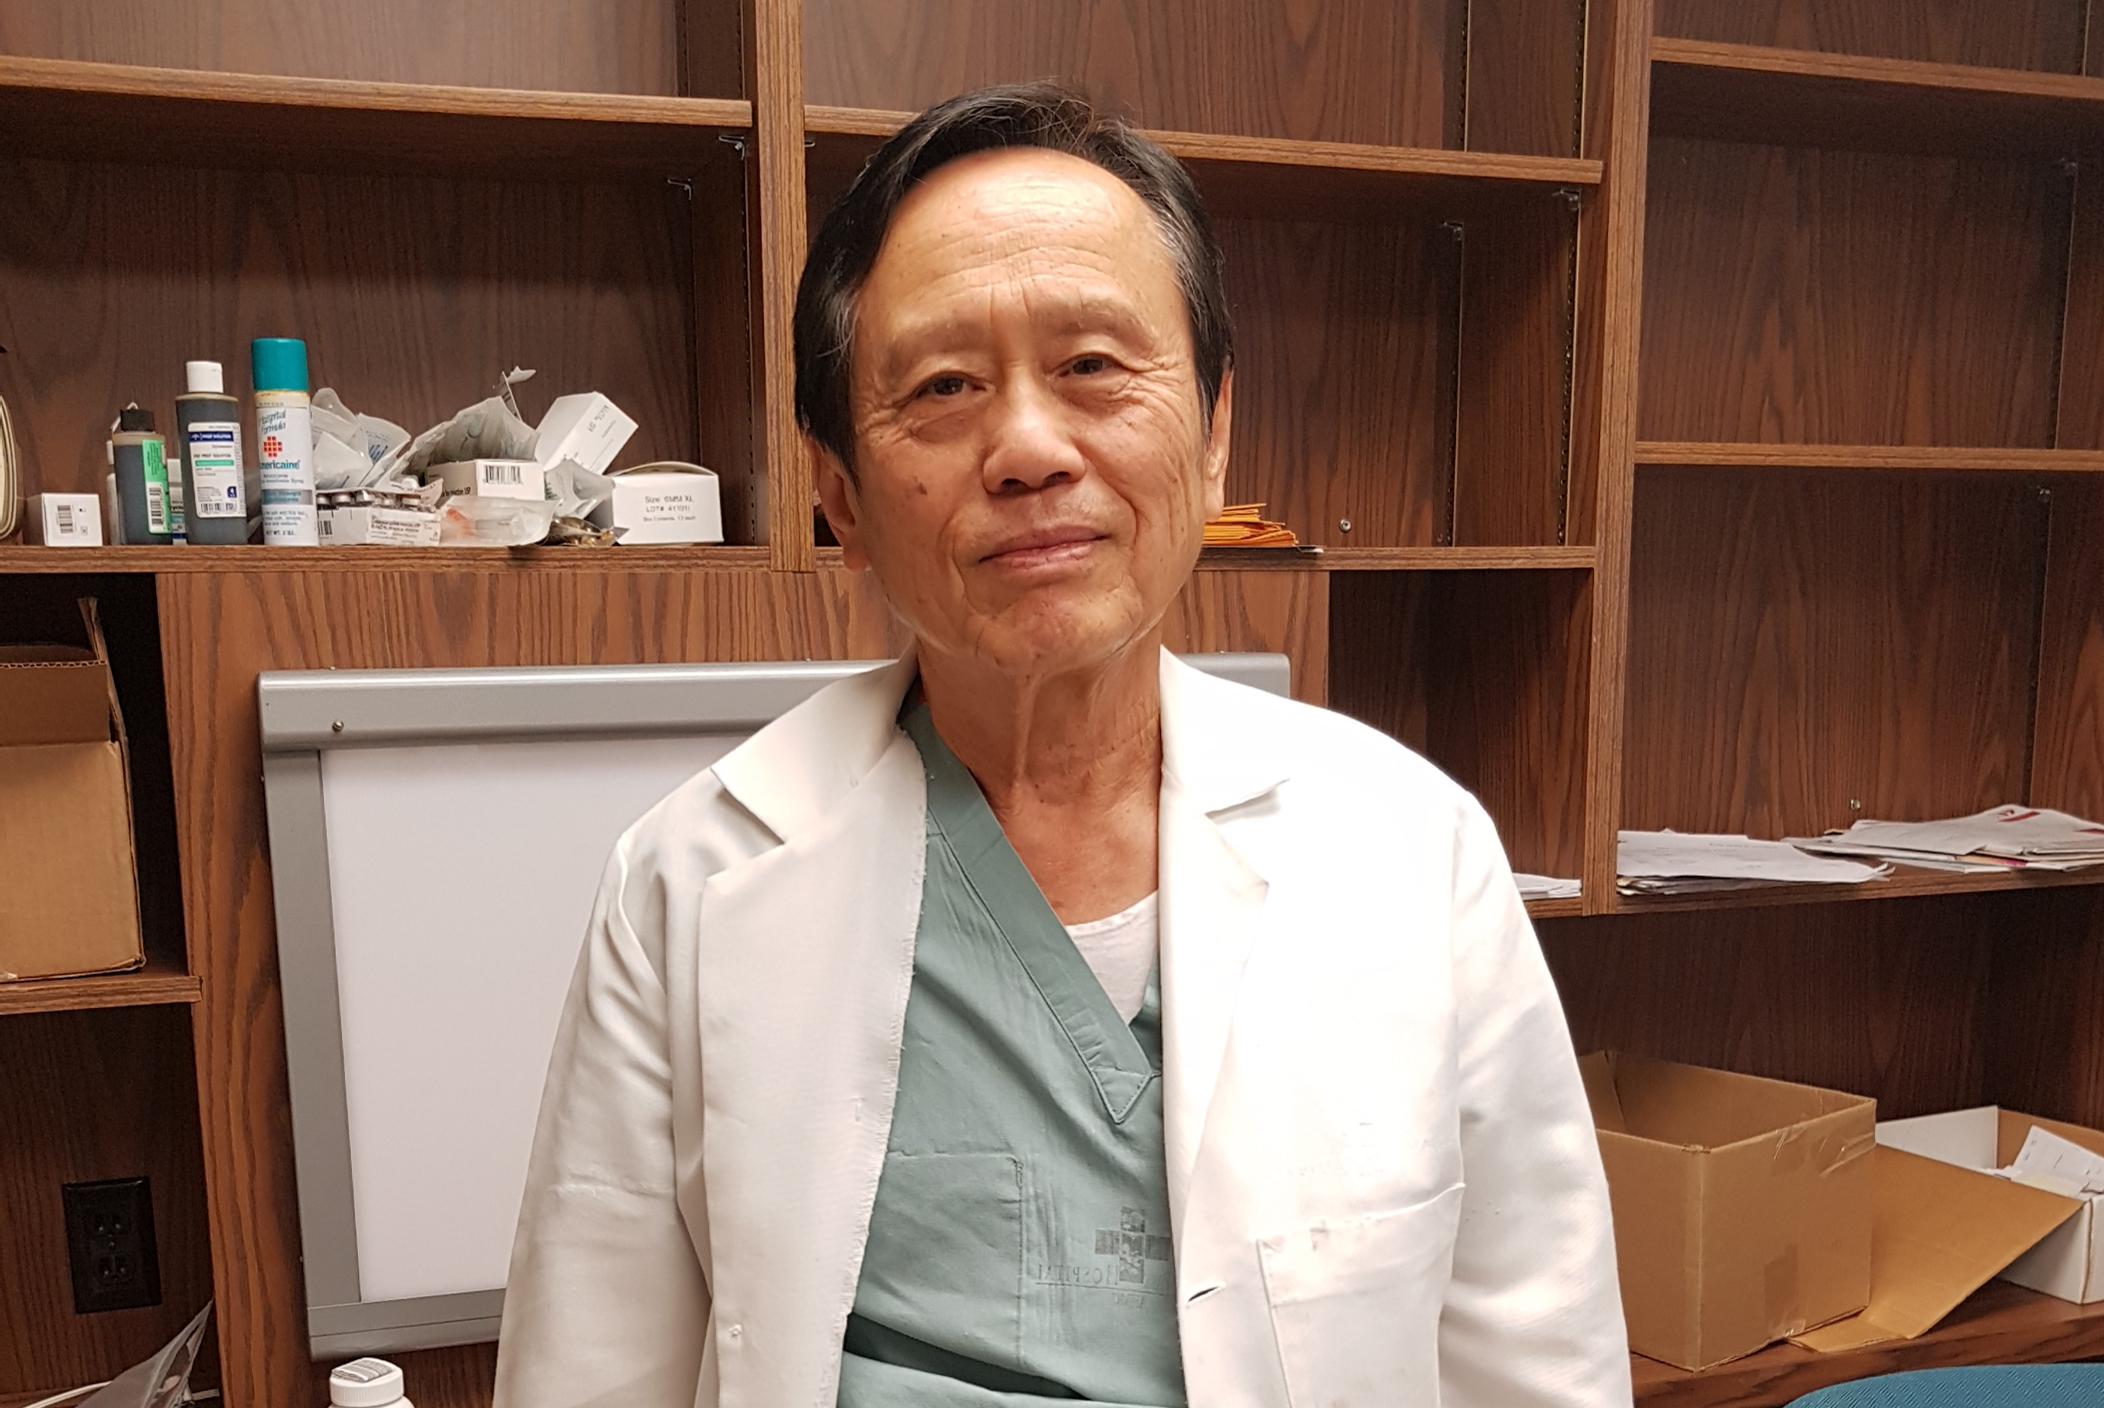 黃俊博醫師J..B. Jason Hwang,